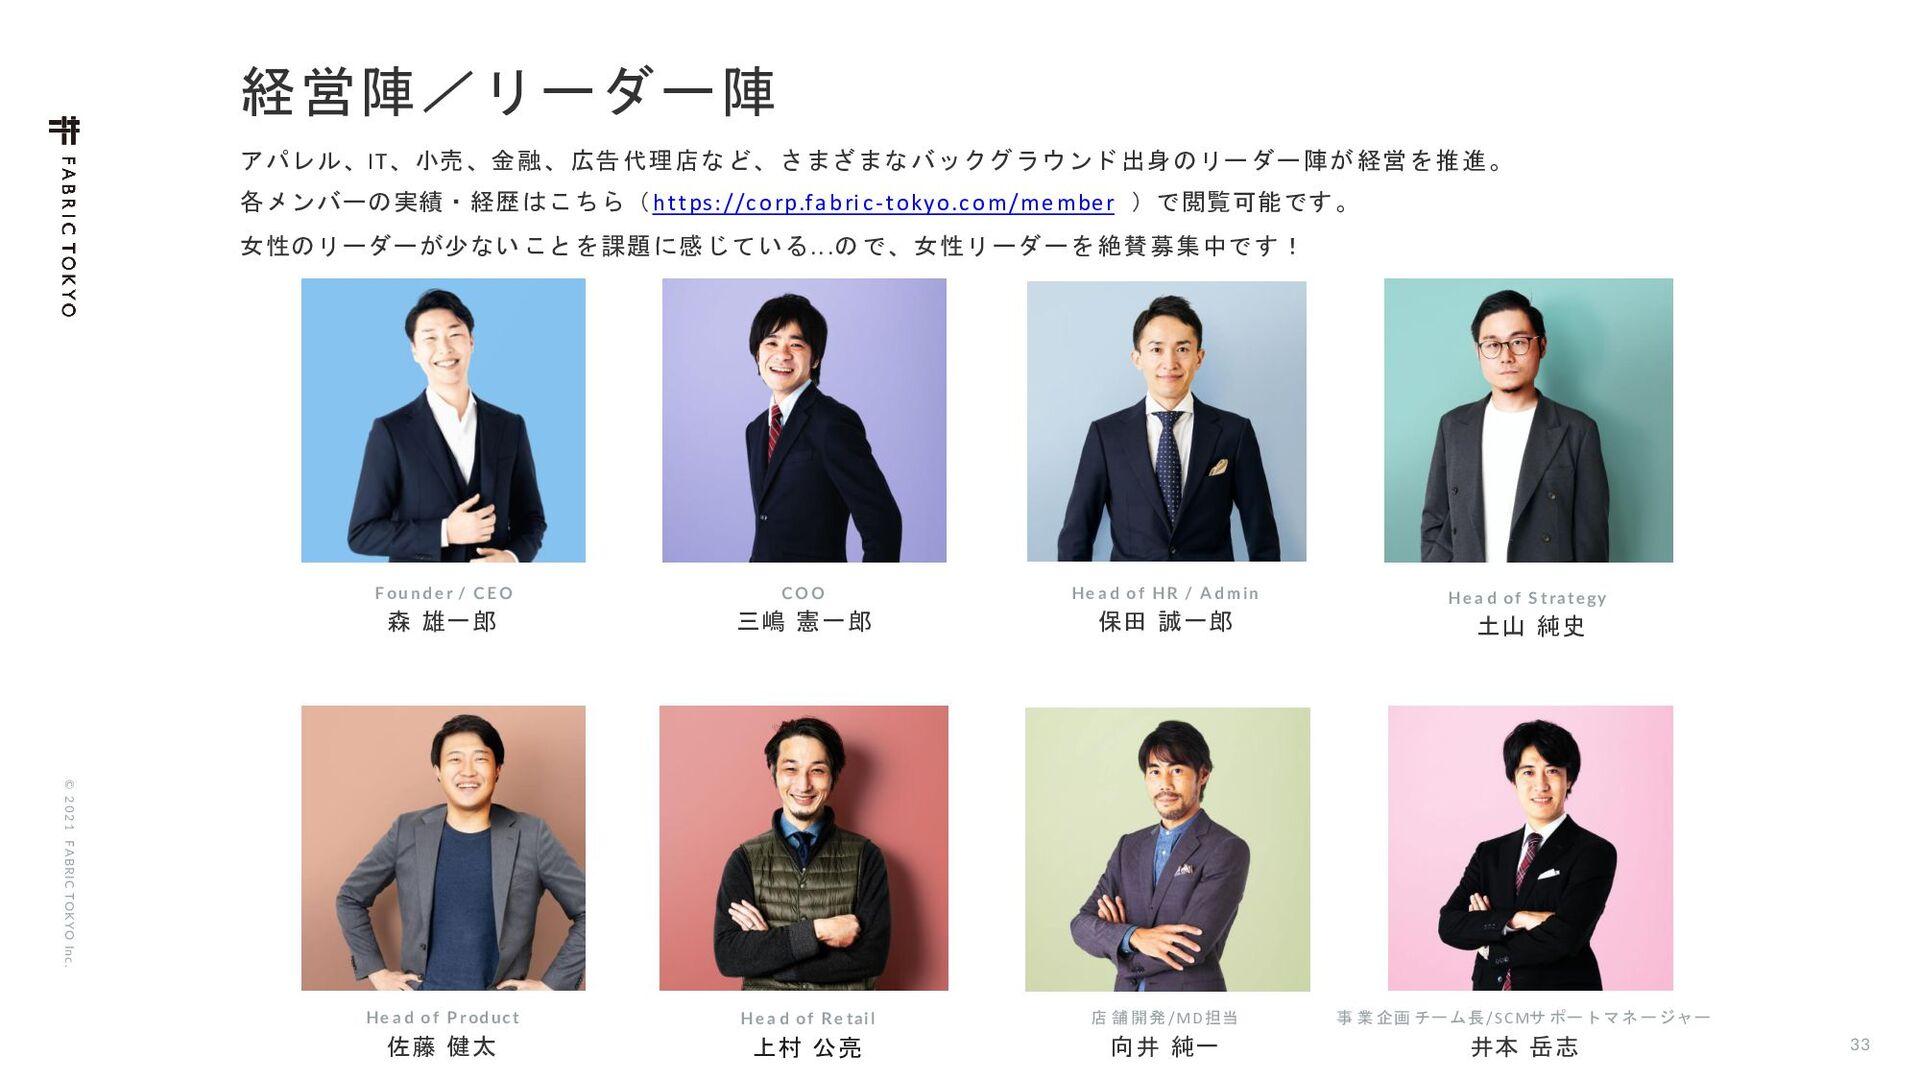 © 2021 FABRIC TOKYO Inc. 32 աڈͷ0,3ྫ ਓධՁ੍ ෦ॺ ...